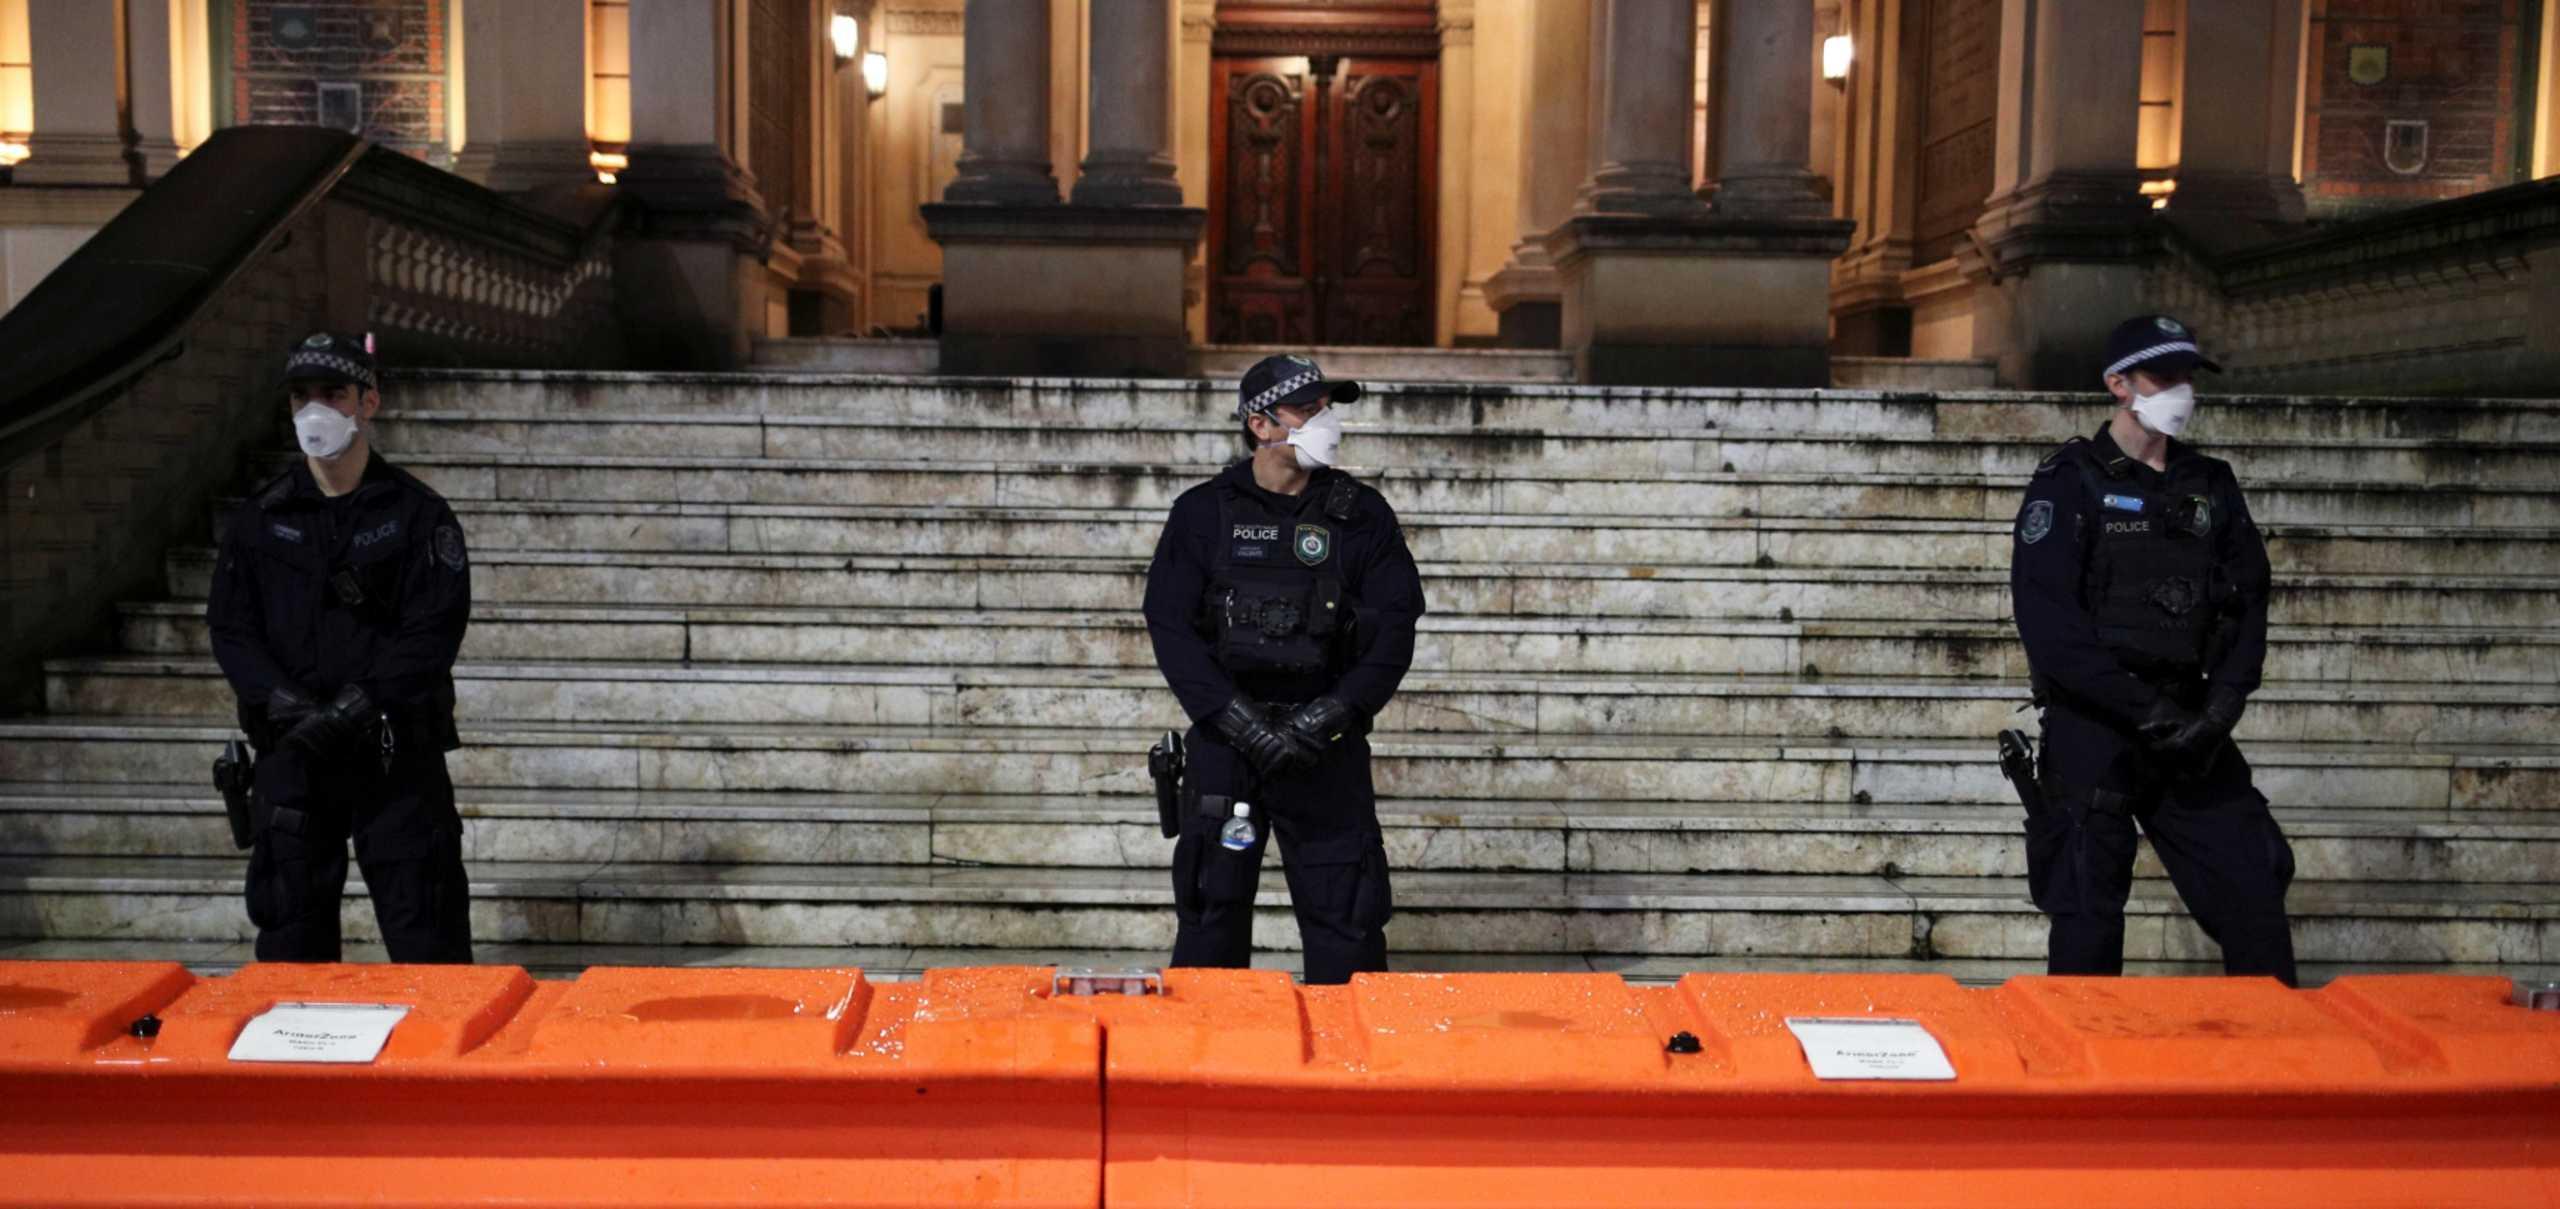 Αυστραλία: Βγαίνει ο στρατός μετά την εμφάνιση εστίας κορονοϊού